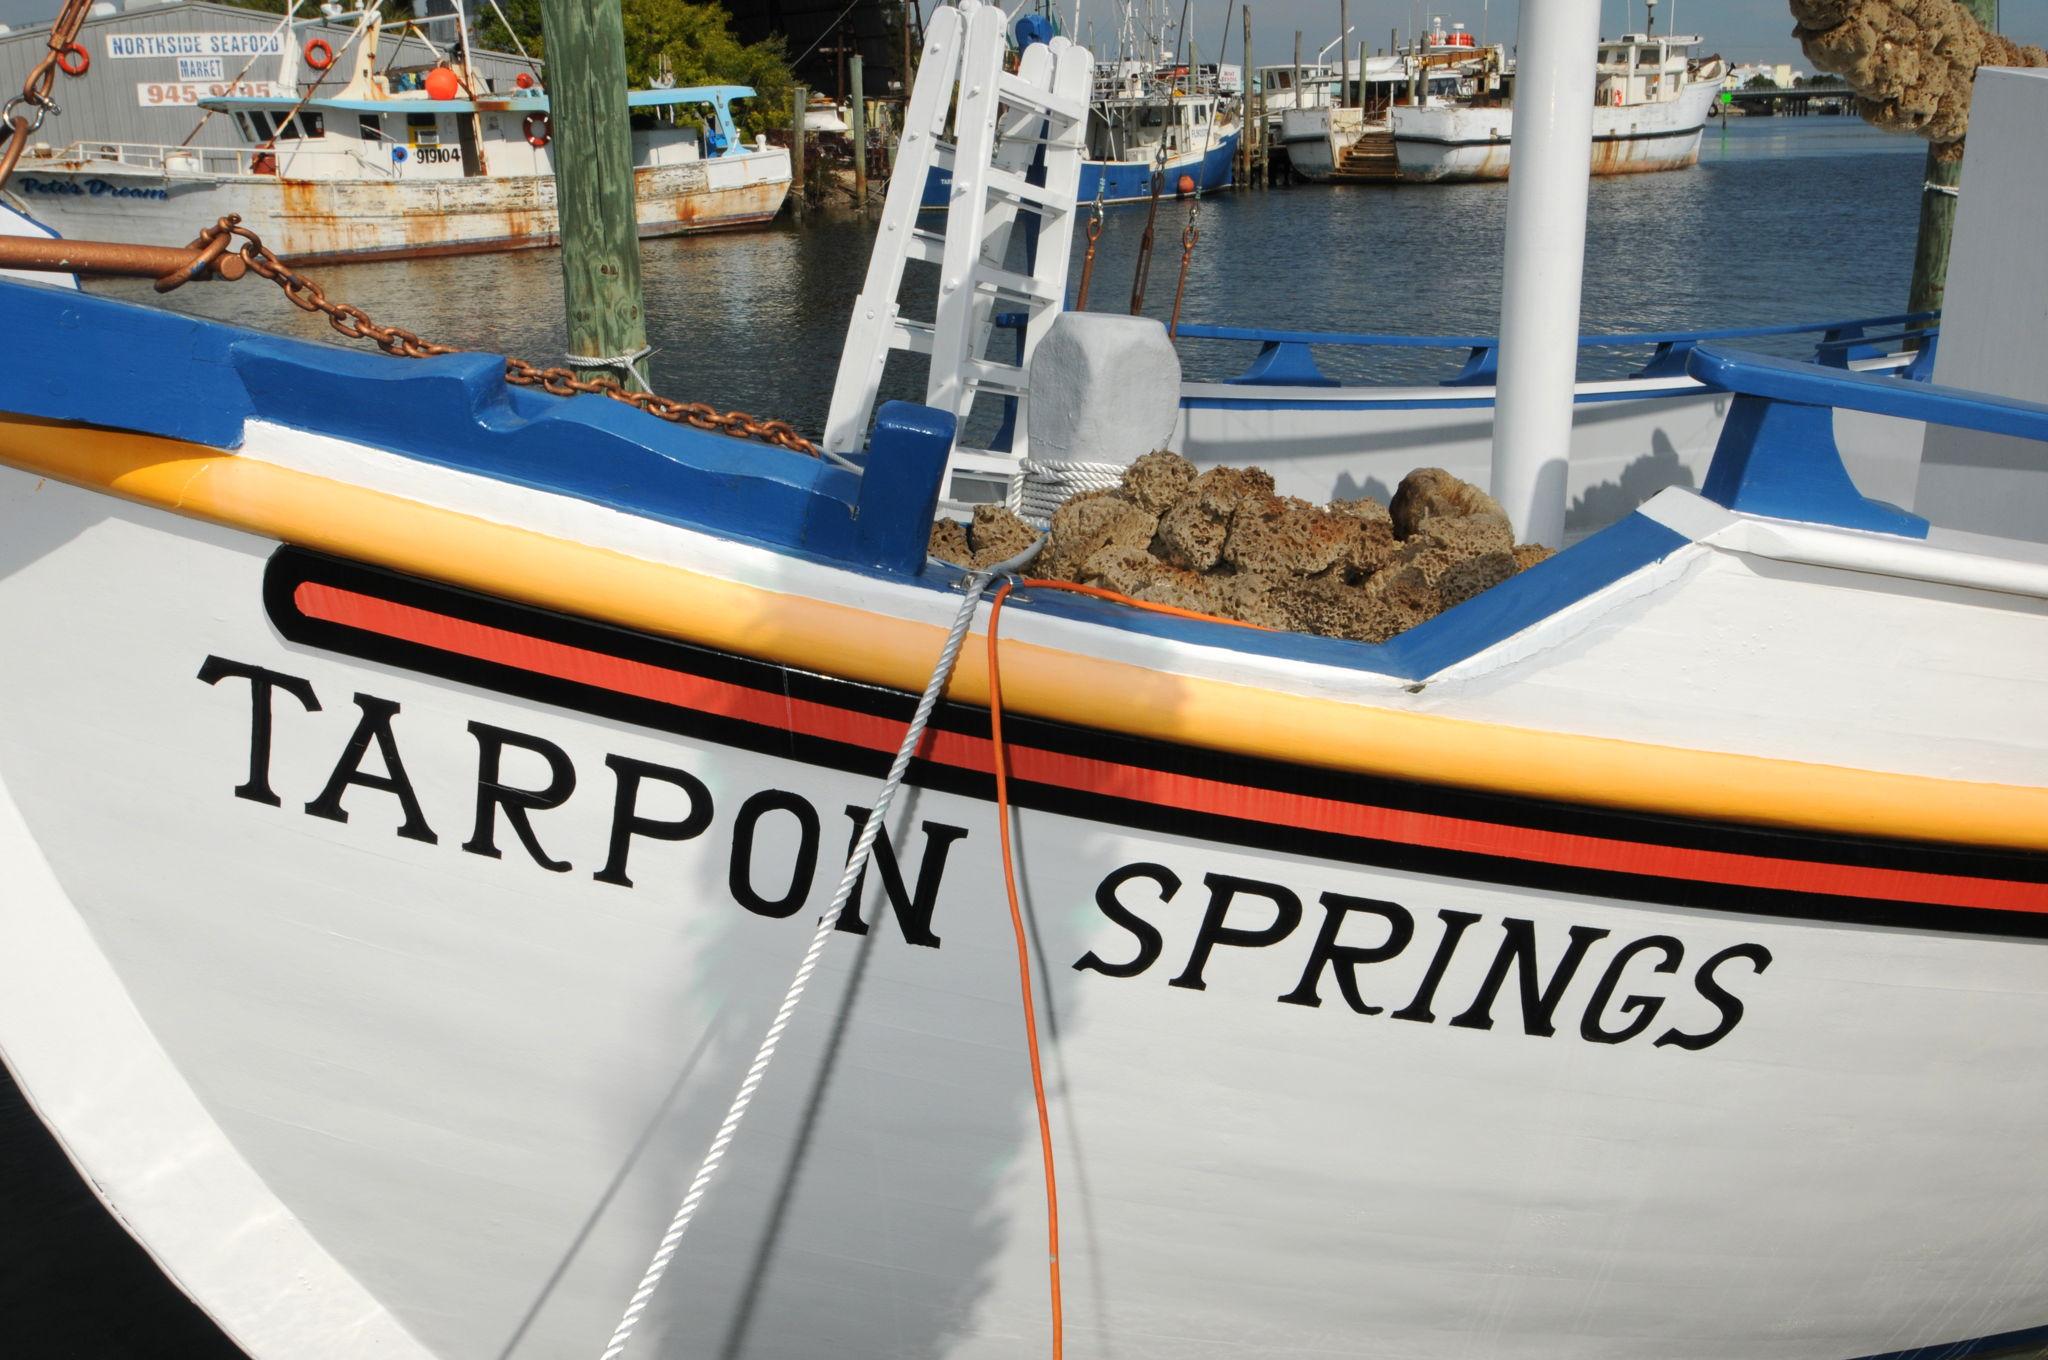 Sponge Docks13